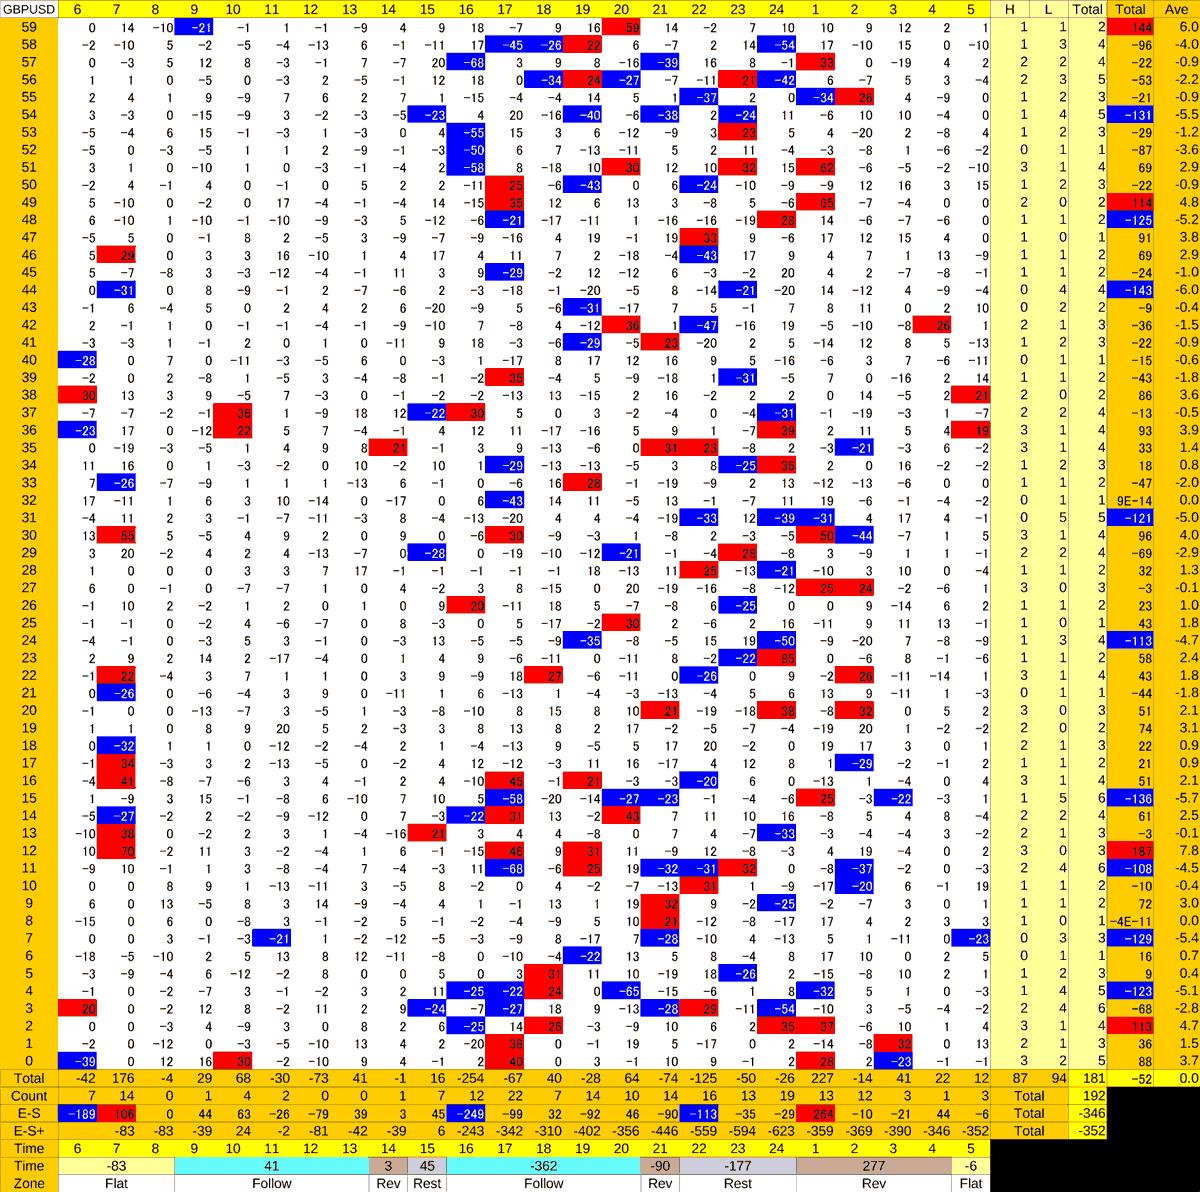 20201126_HS(2)GBPUSD